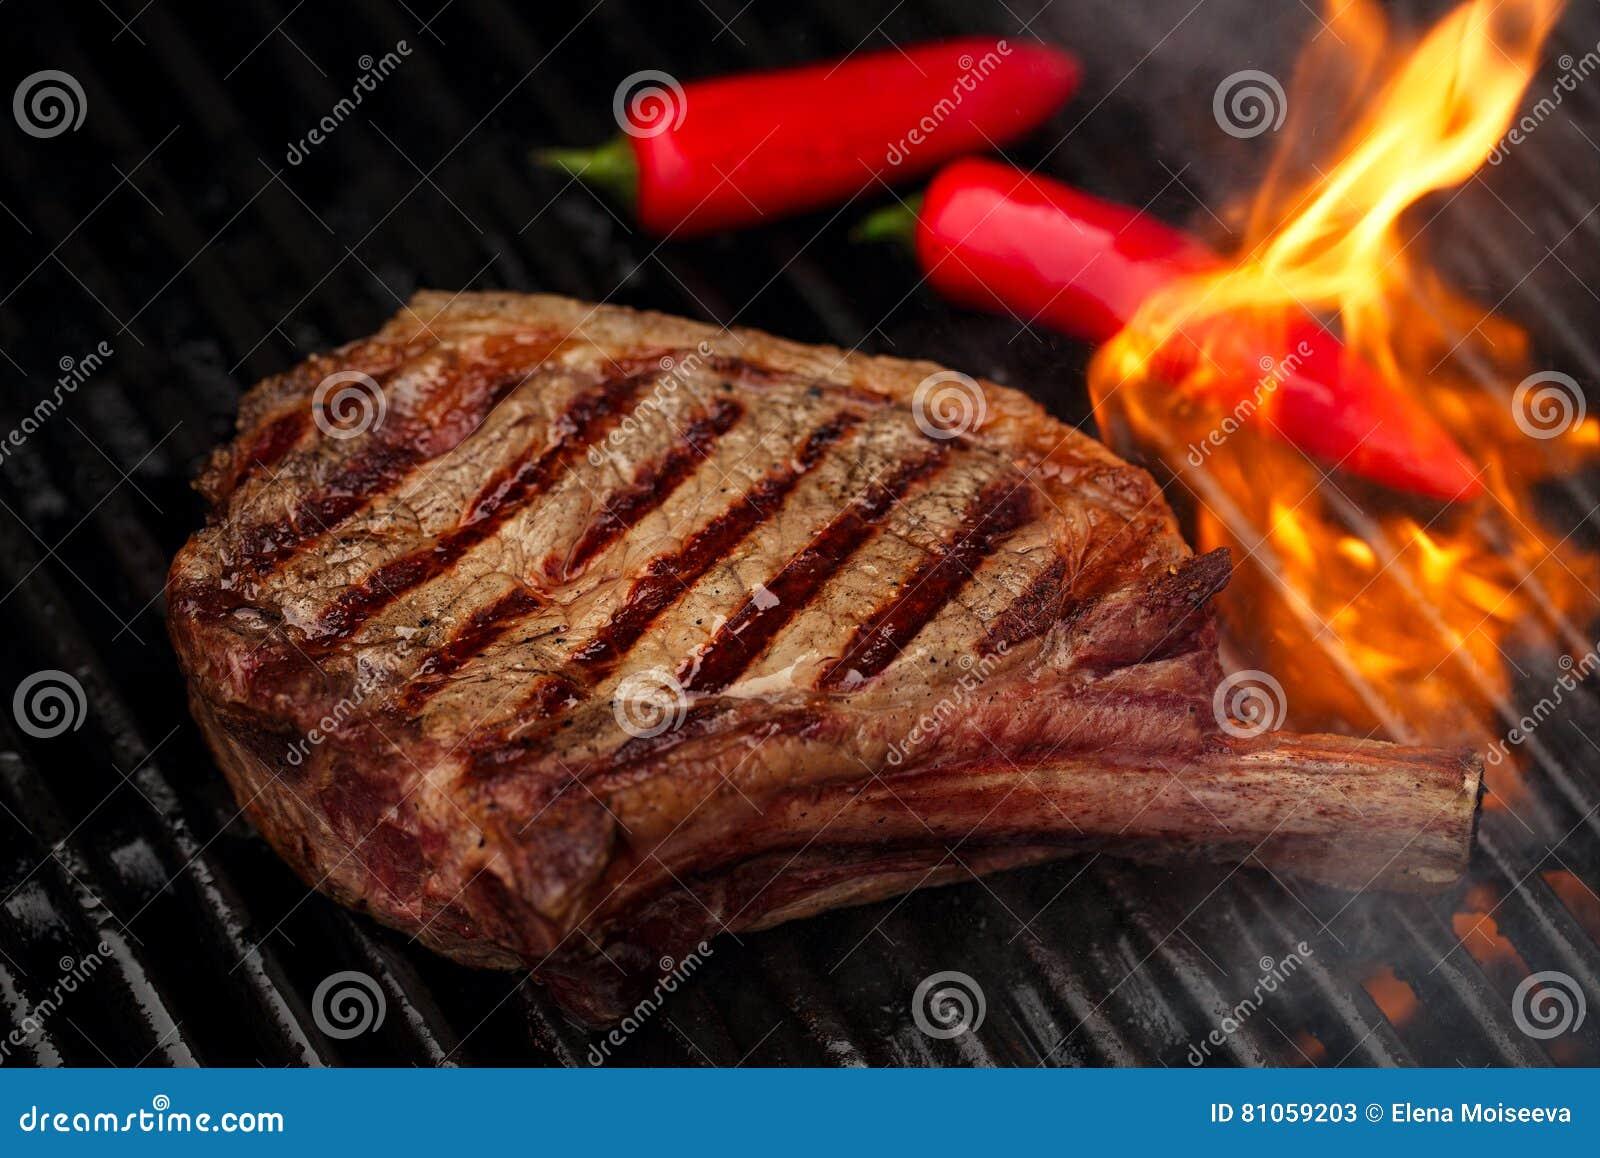 lebensmittelfleisch rindfleischsteak auf bbq grillgrill mit flamme stockbild bild von grill. Black Bedroom Furniture Sets. Home Design Ideas